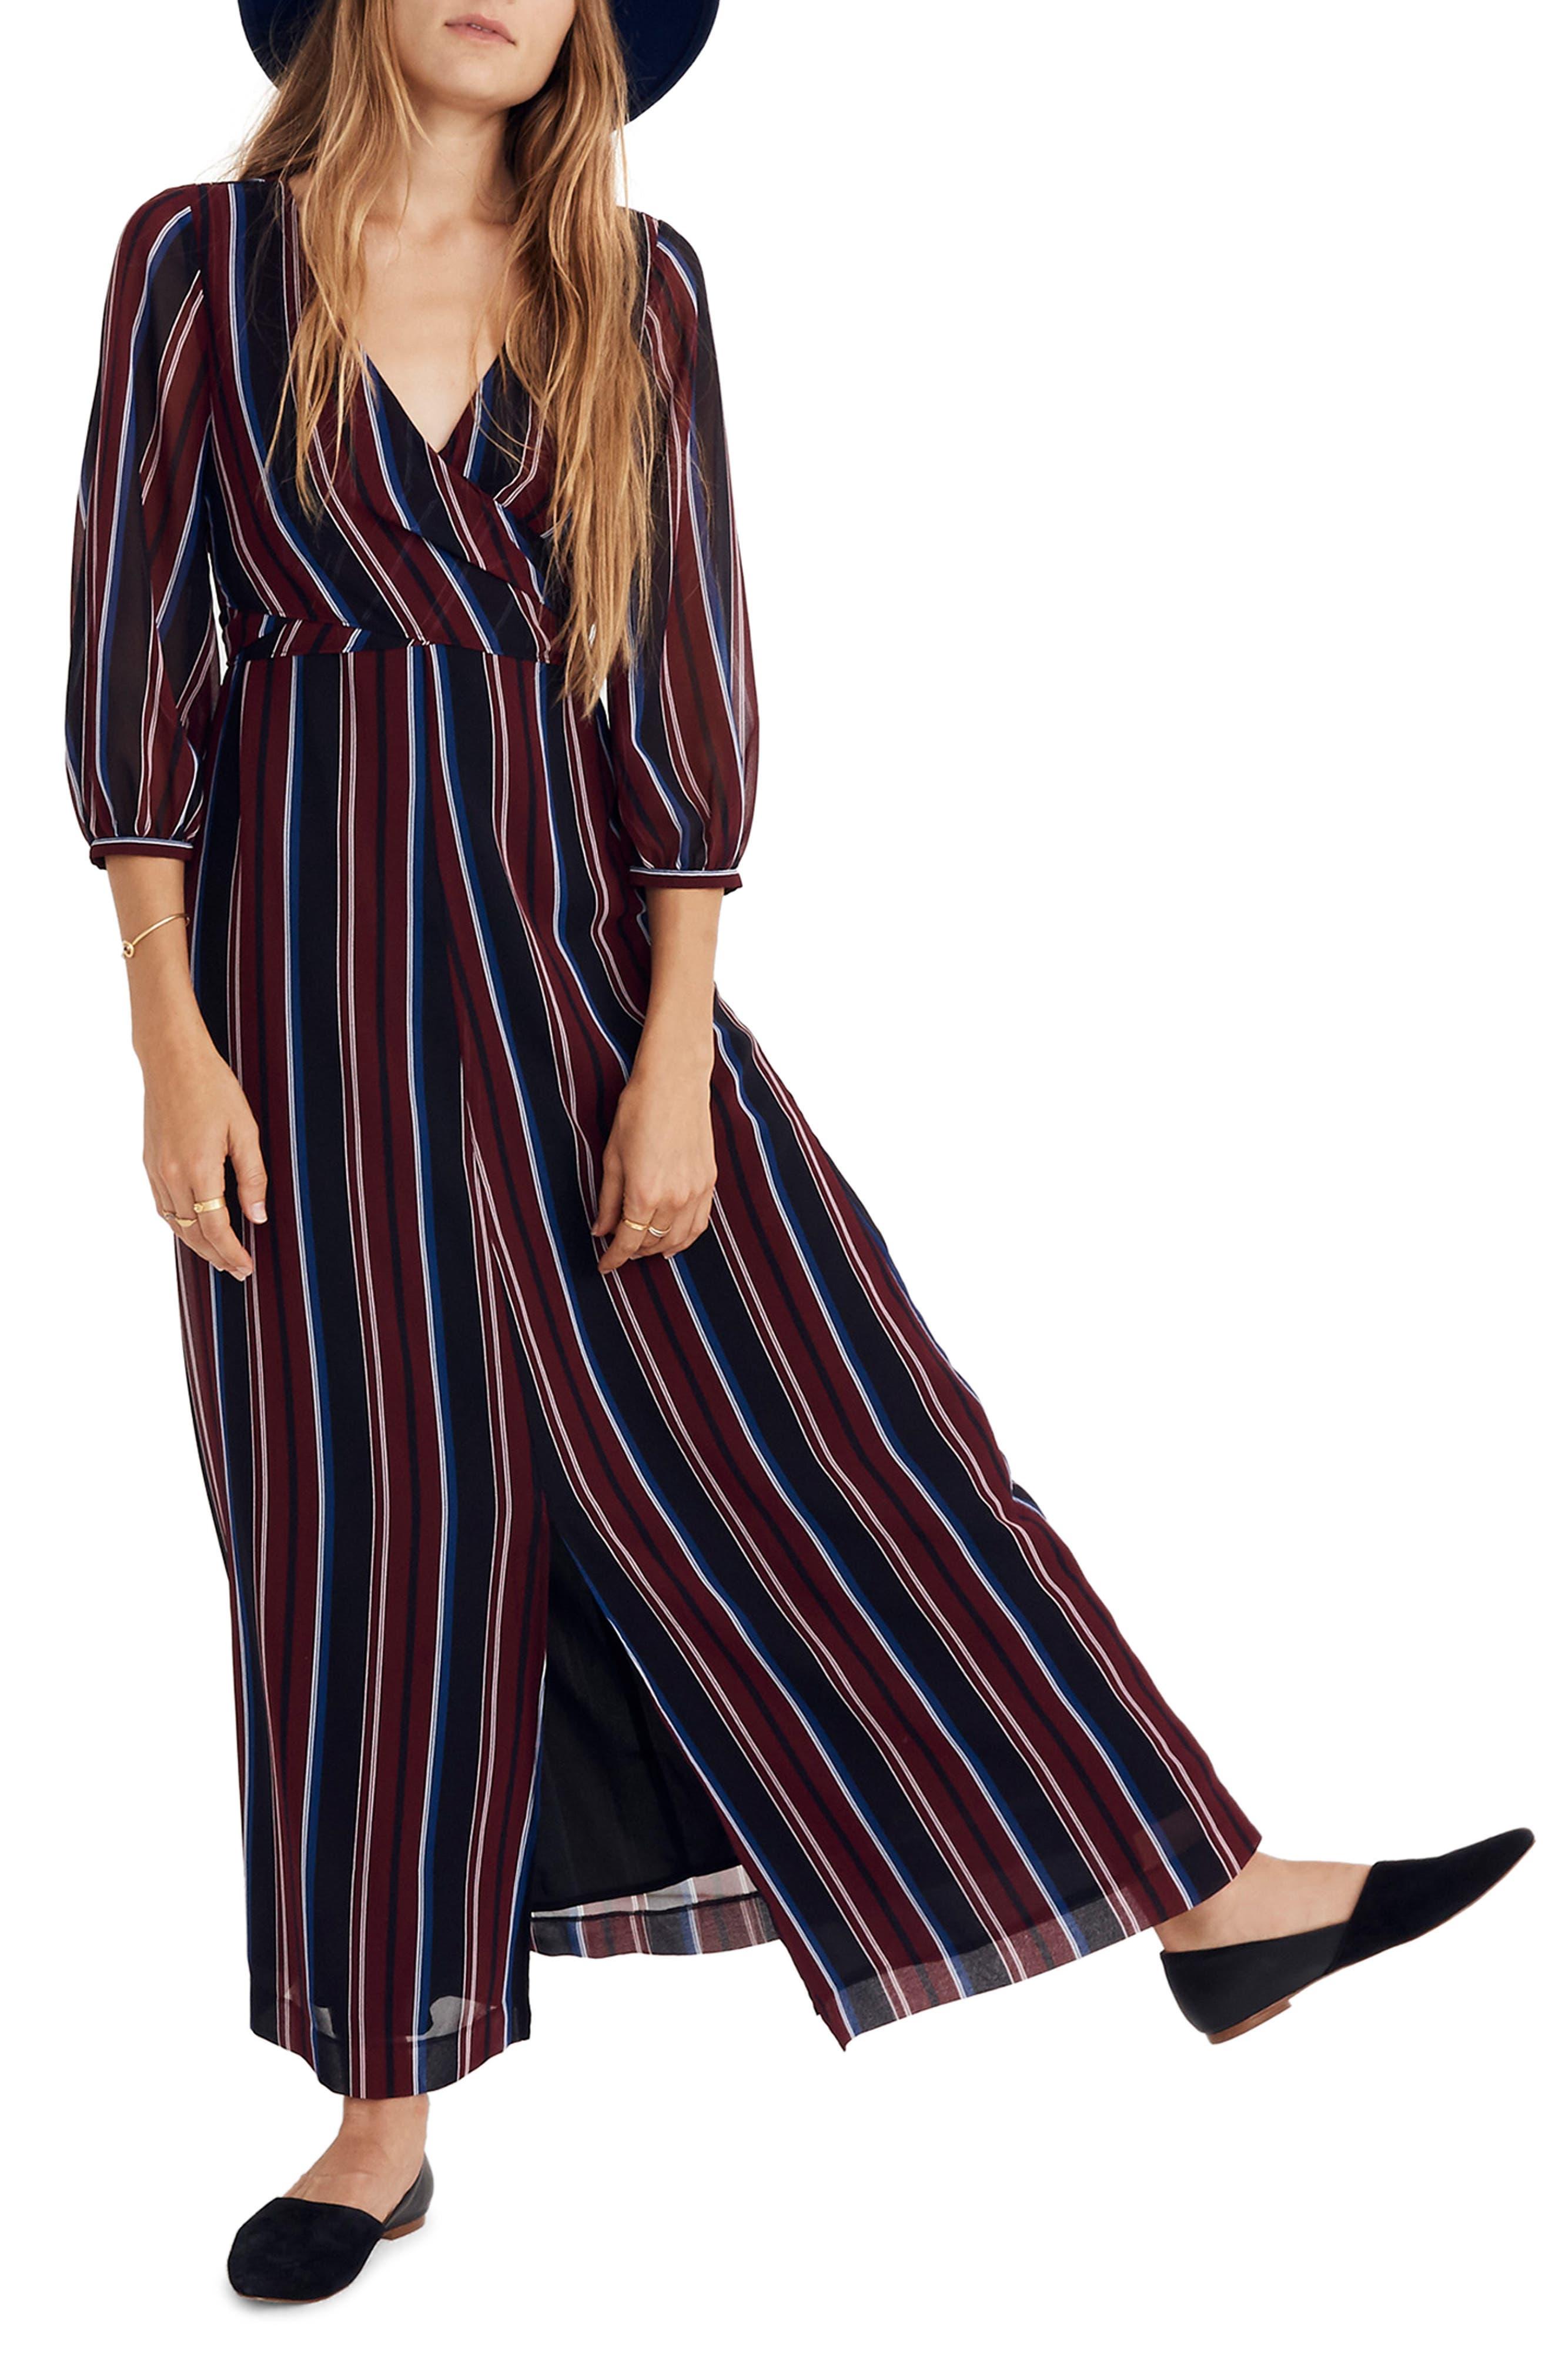 Madewell Stripe Wraparound Maxi Dress, Black